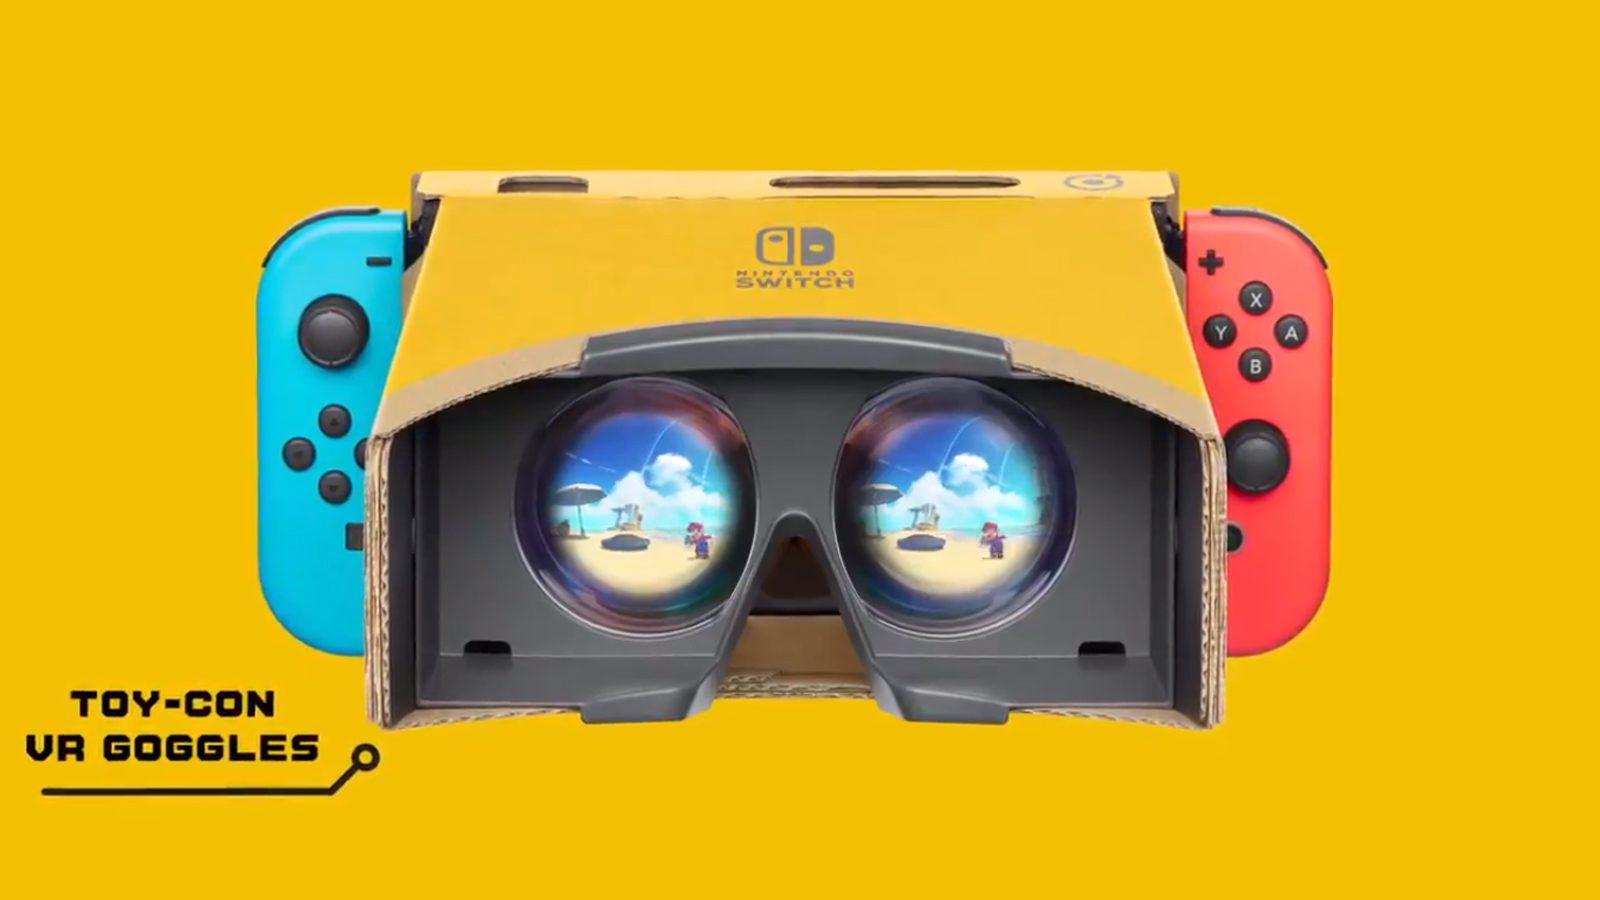 Toy Con VR Goggles